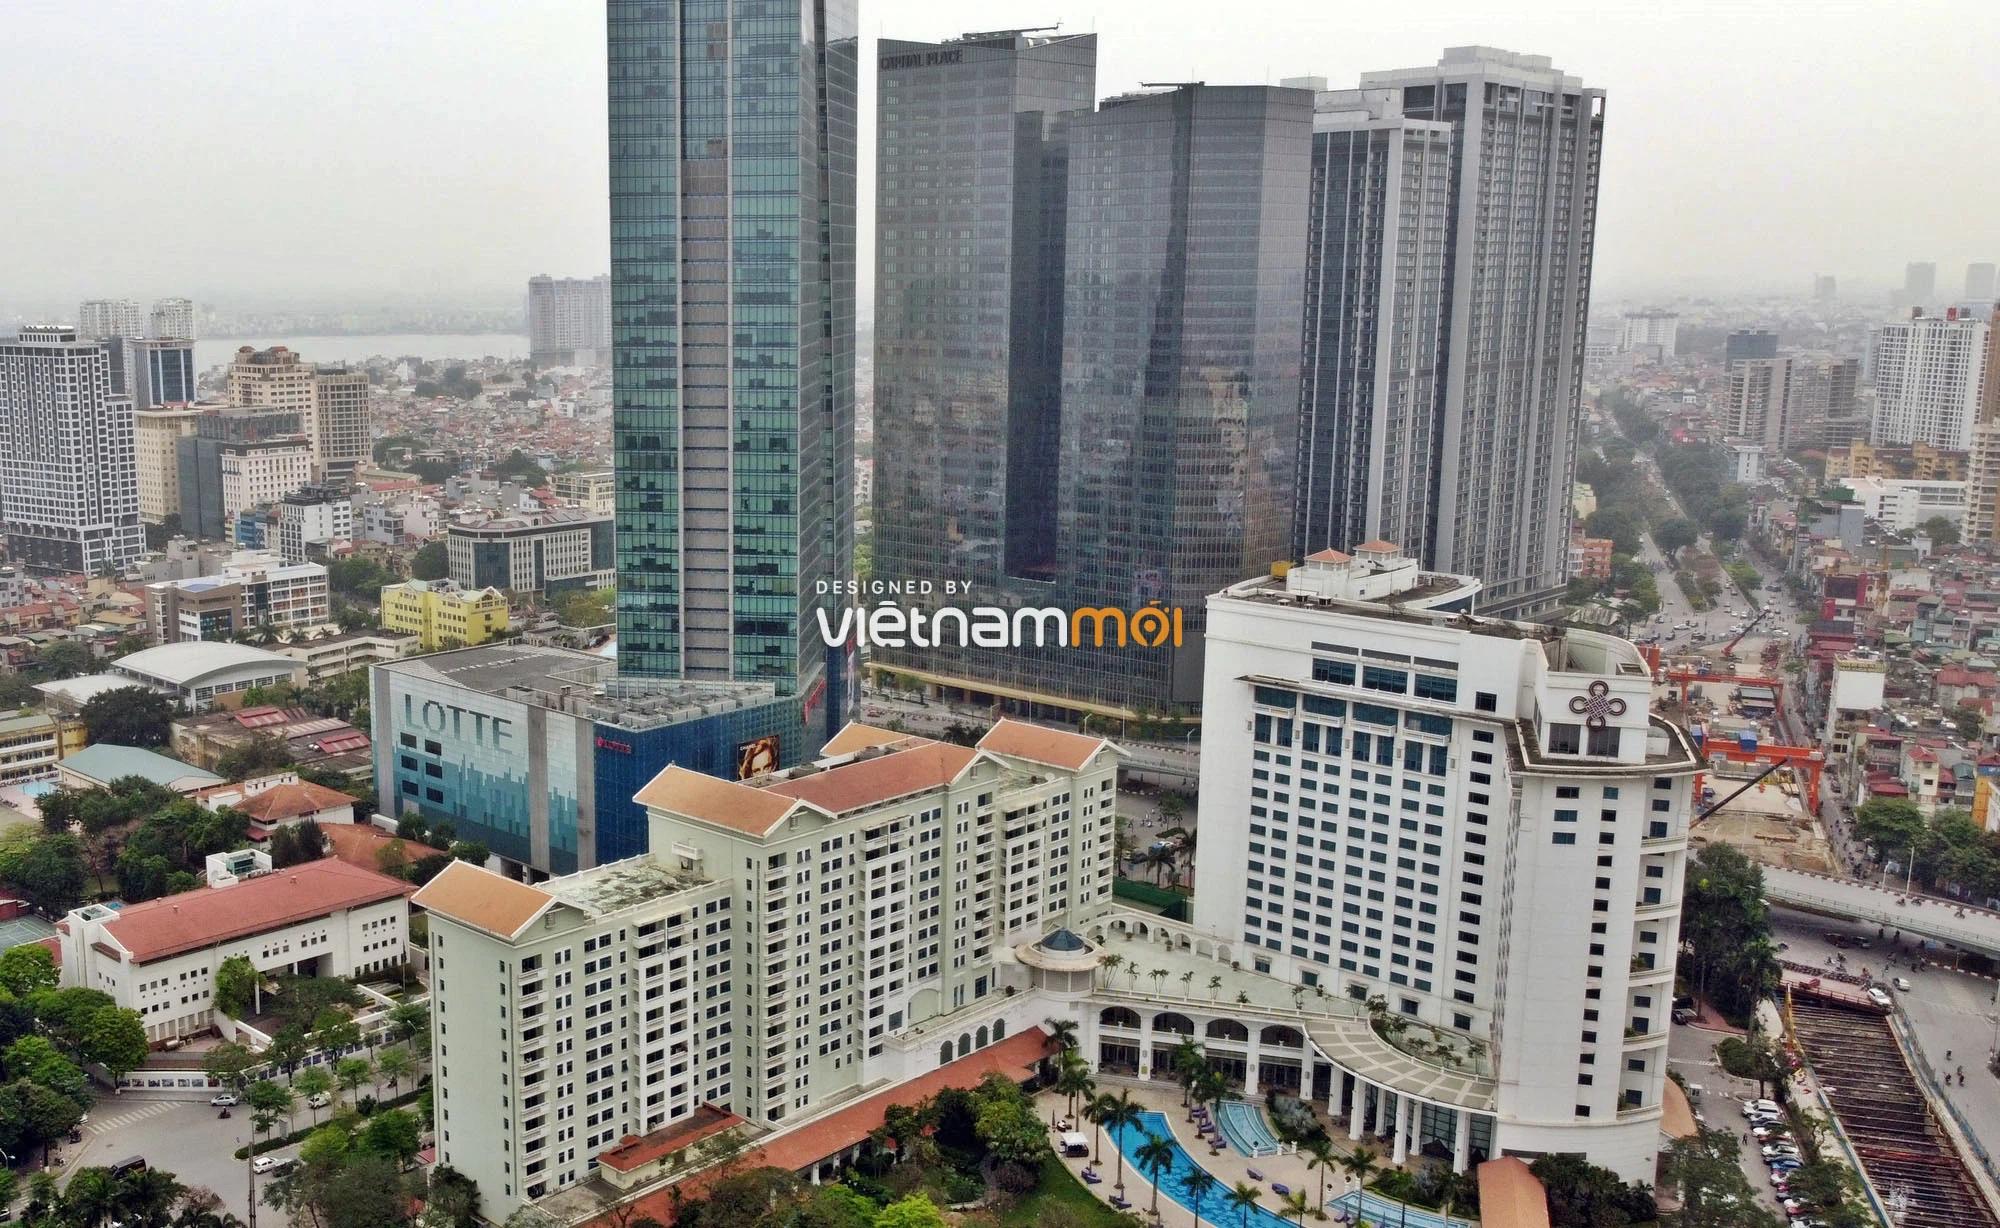 Cận cảnh tòa nhà duy nhất được xây trên 50 tầng ở vùng nội đô lịch sử - Ảnh 7.